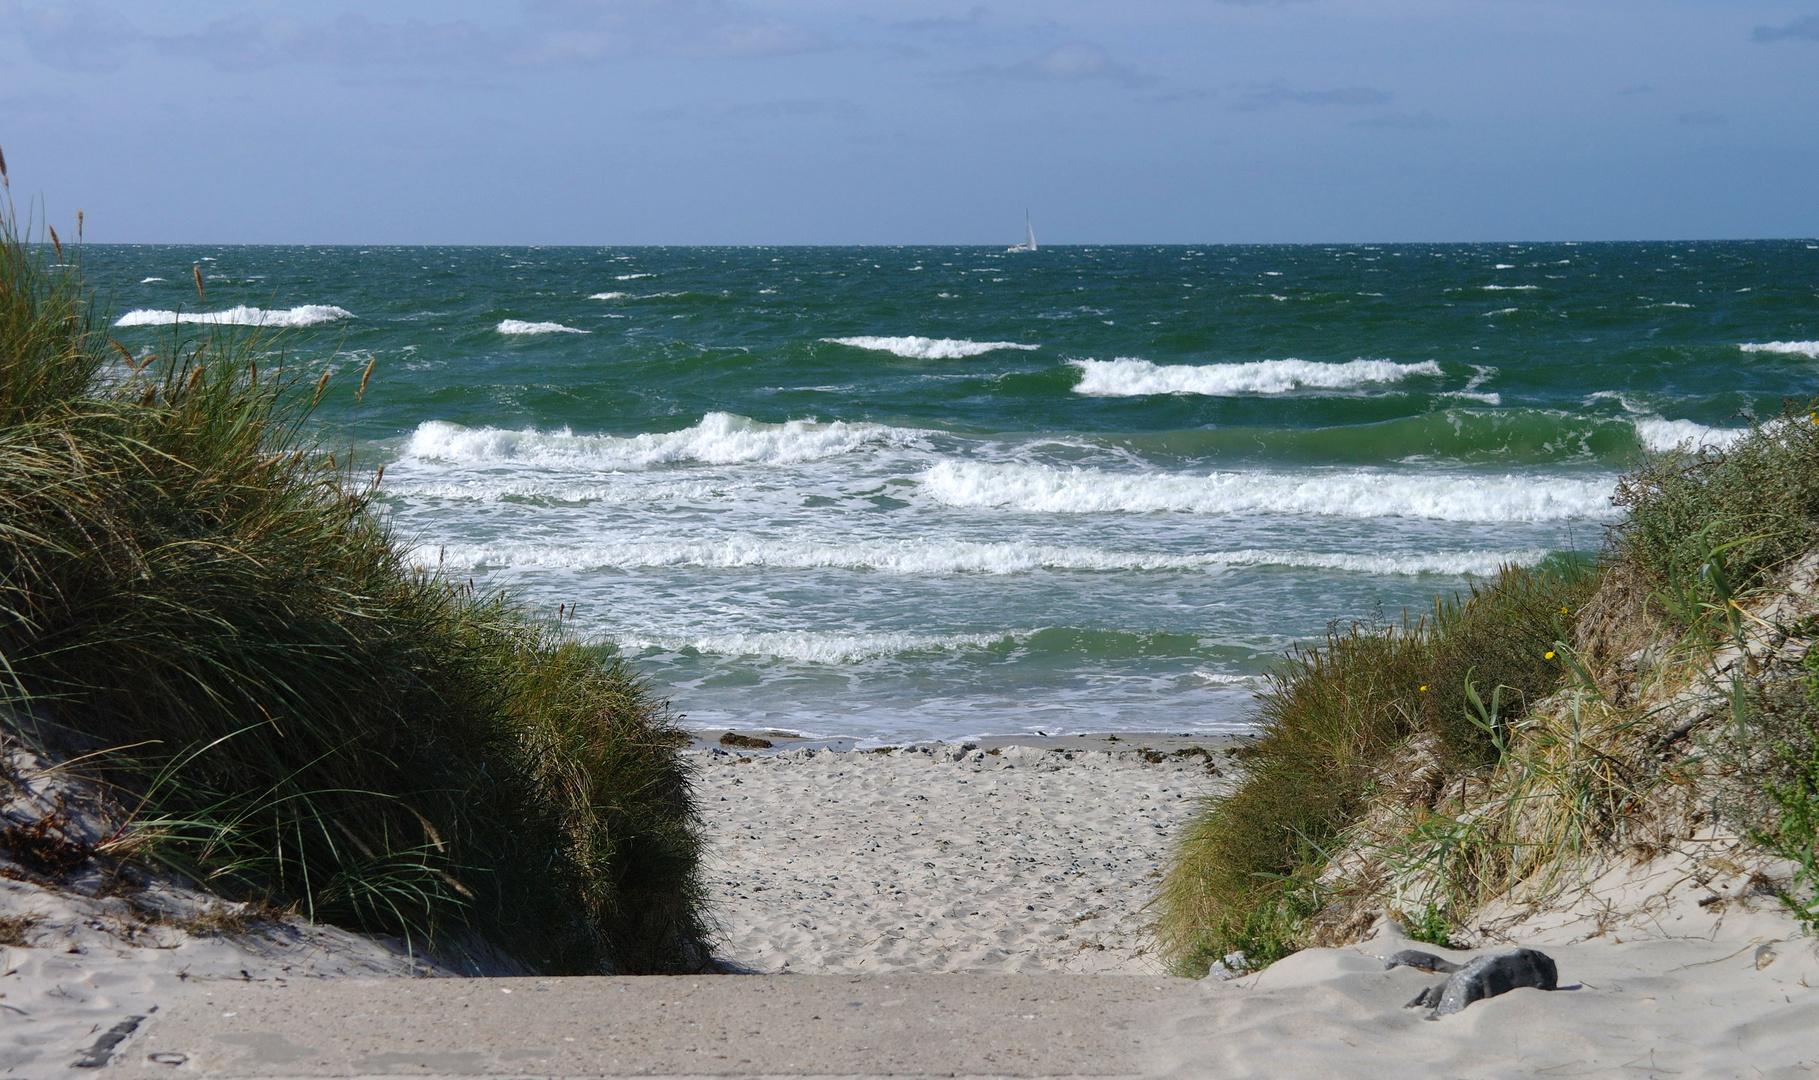 Insel Hiddensee, Zugang zum Meer